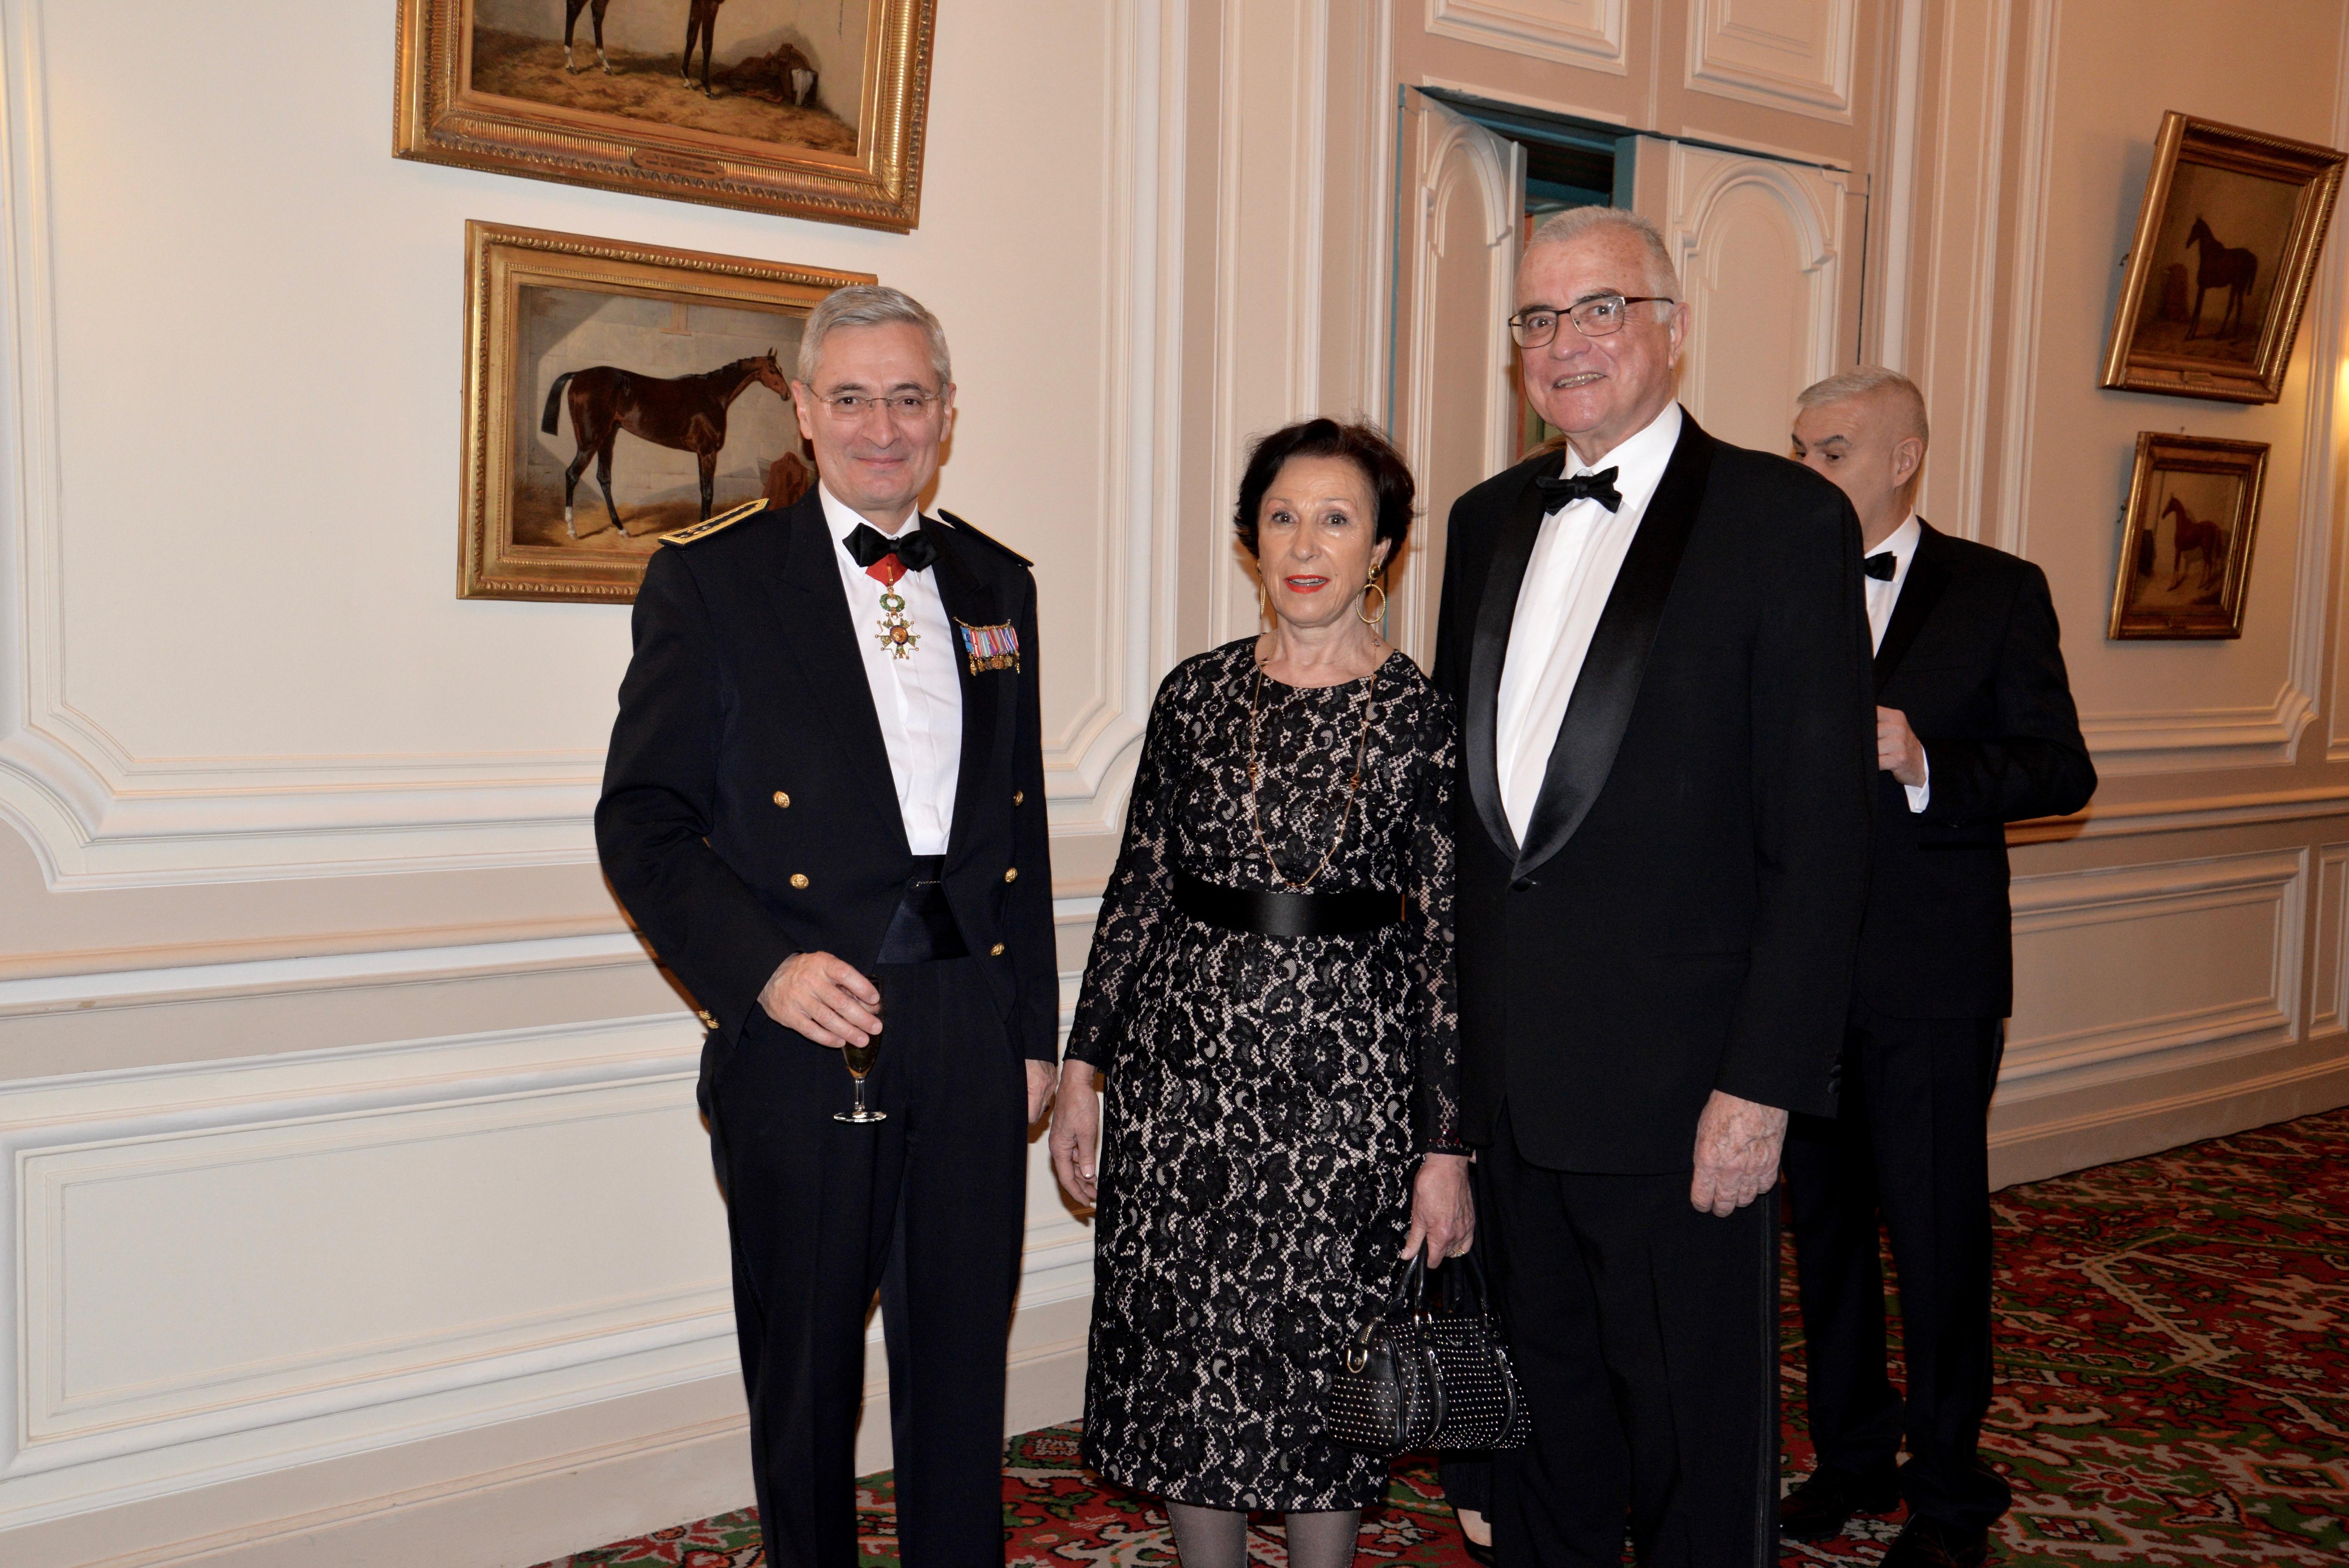 Le Gouverneur des Invalides, le Général d'Armée Christophe DE SAINT-CHAMAS - Mme THORETTE - le Général d'Armée Bernard THORETTE